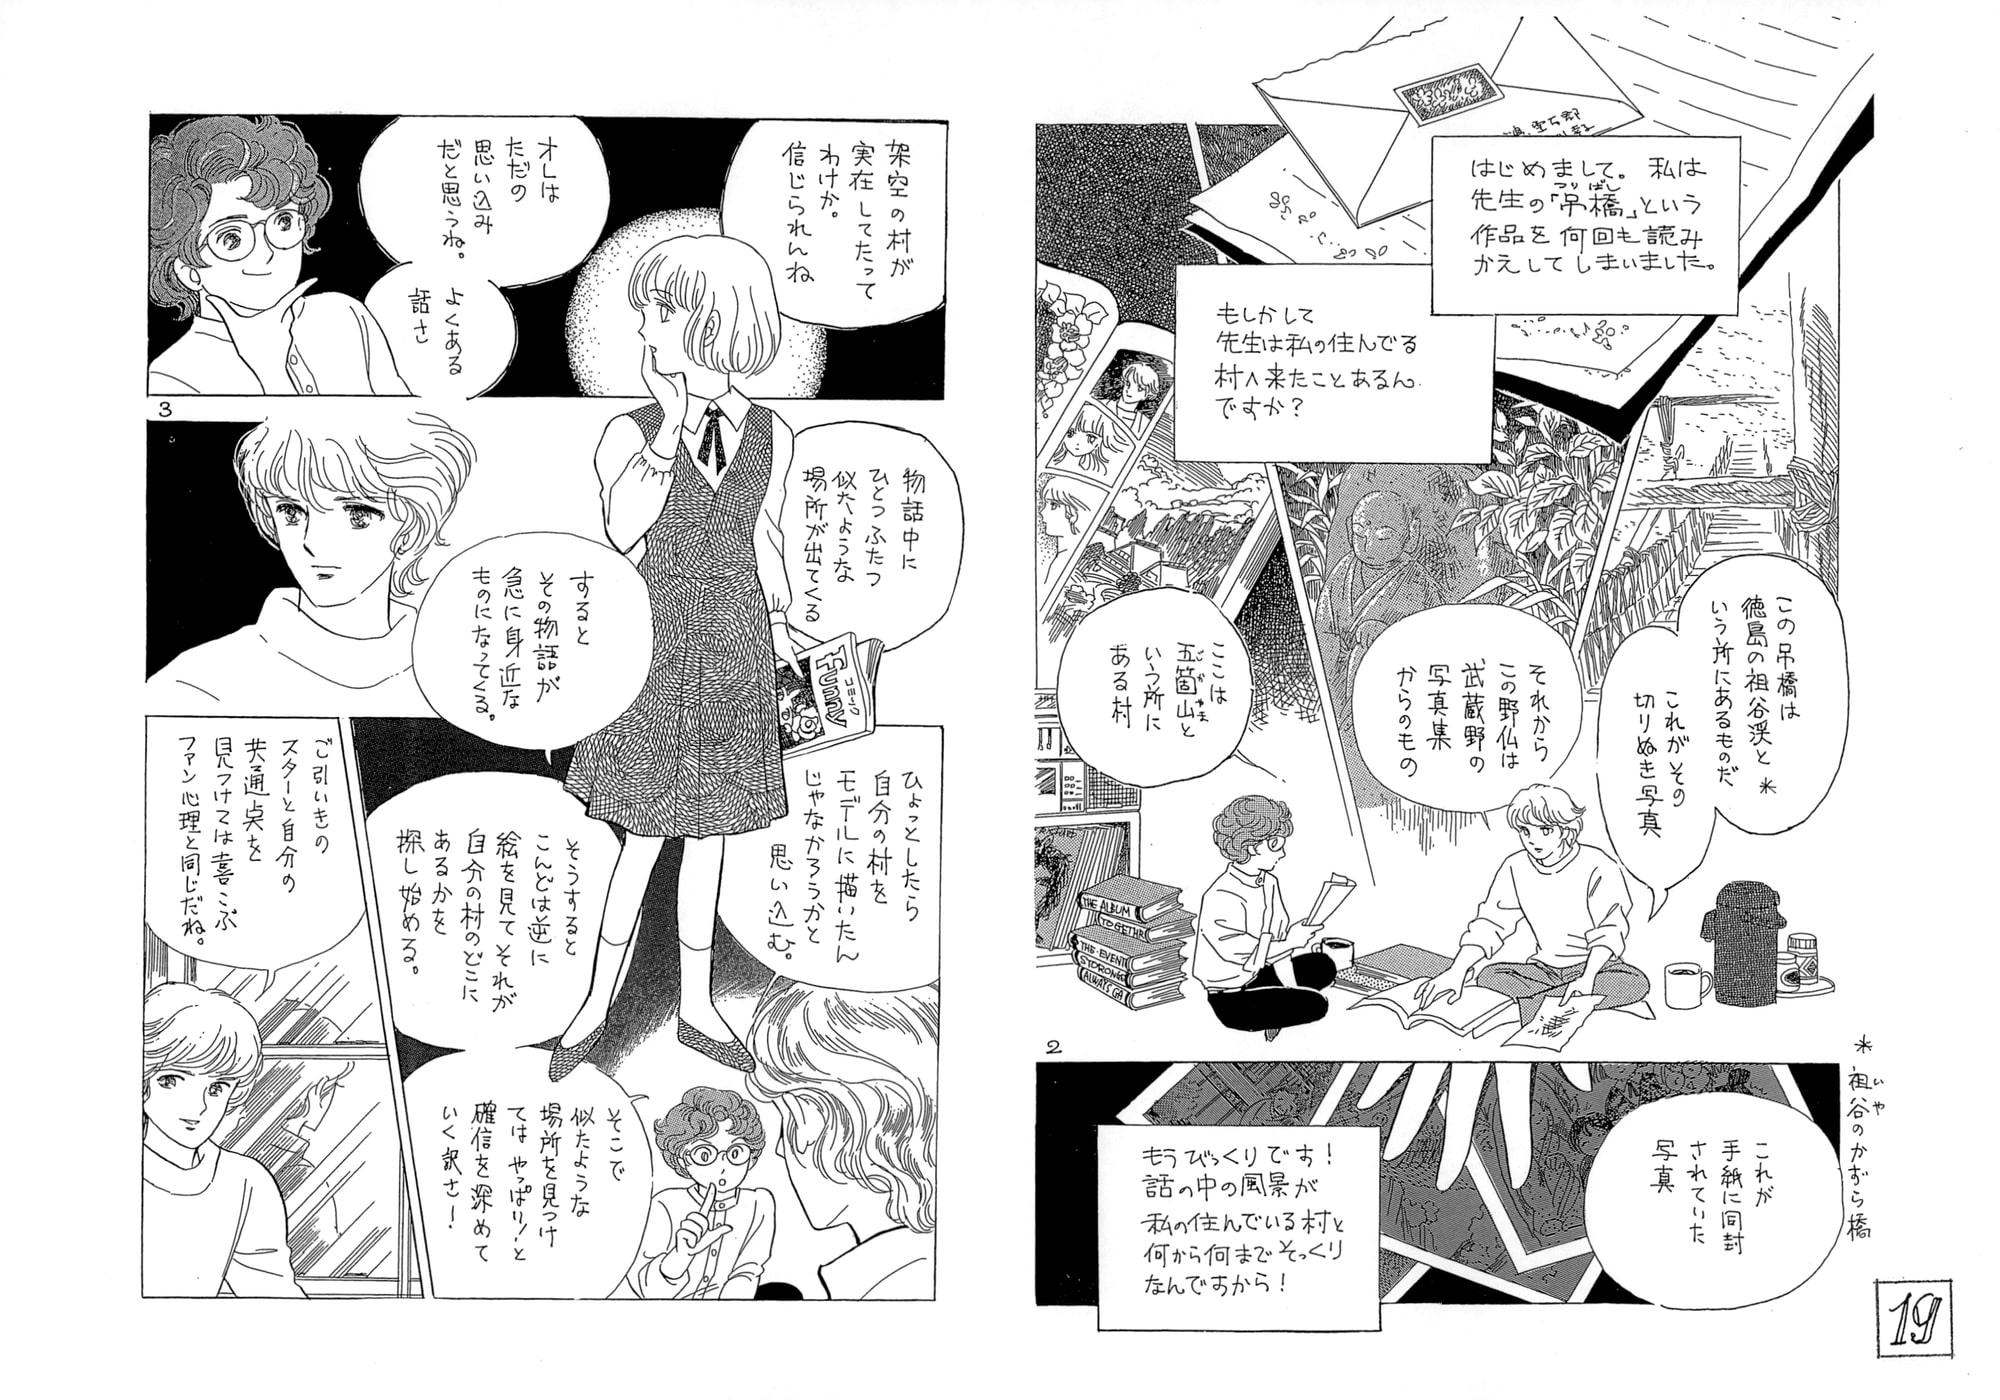 昭和のまんが・14「幻想地帯・手紙」